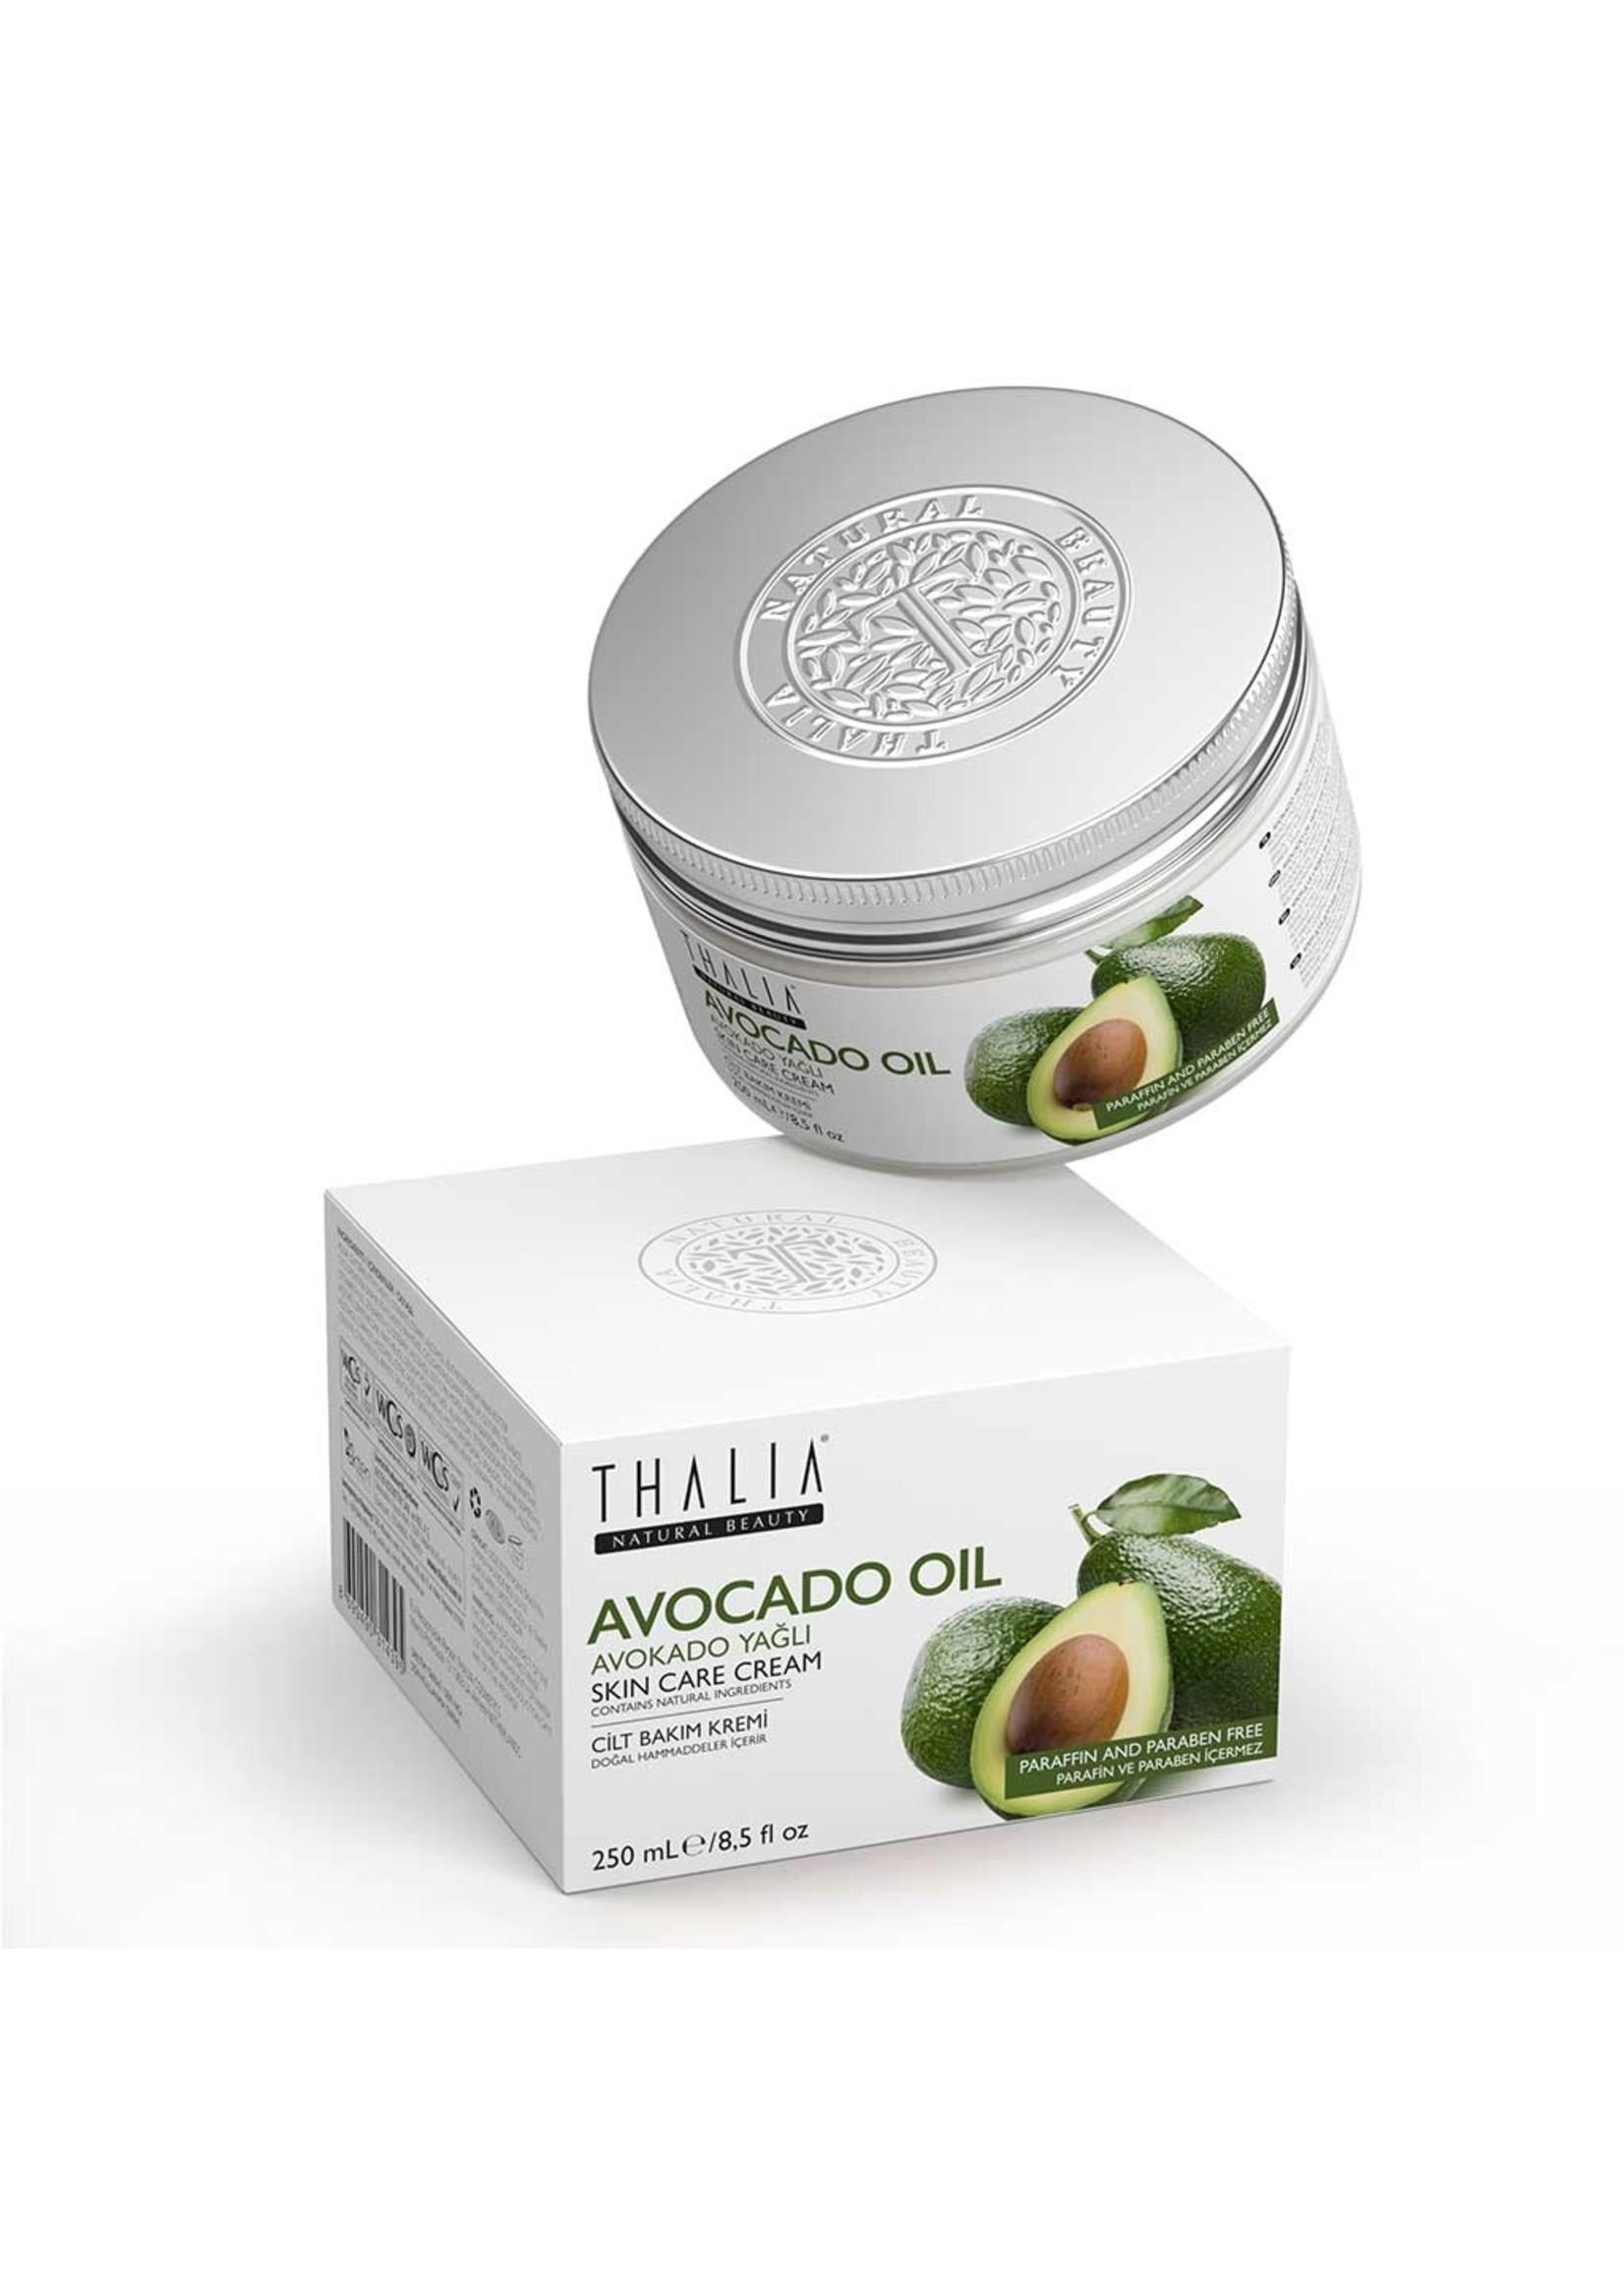 Avokado Yağlı Cilt Bakım Kremi - 250 ml